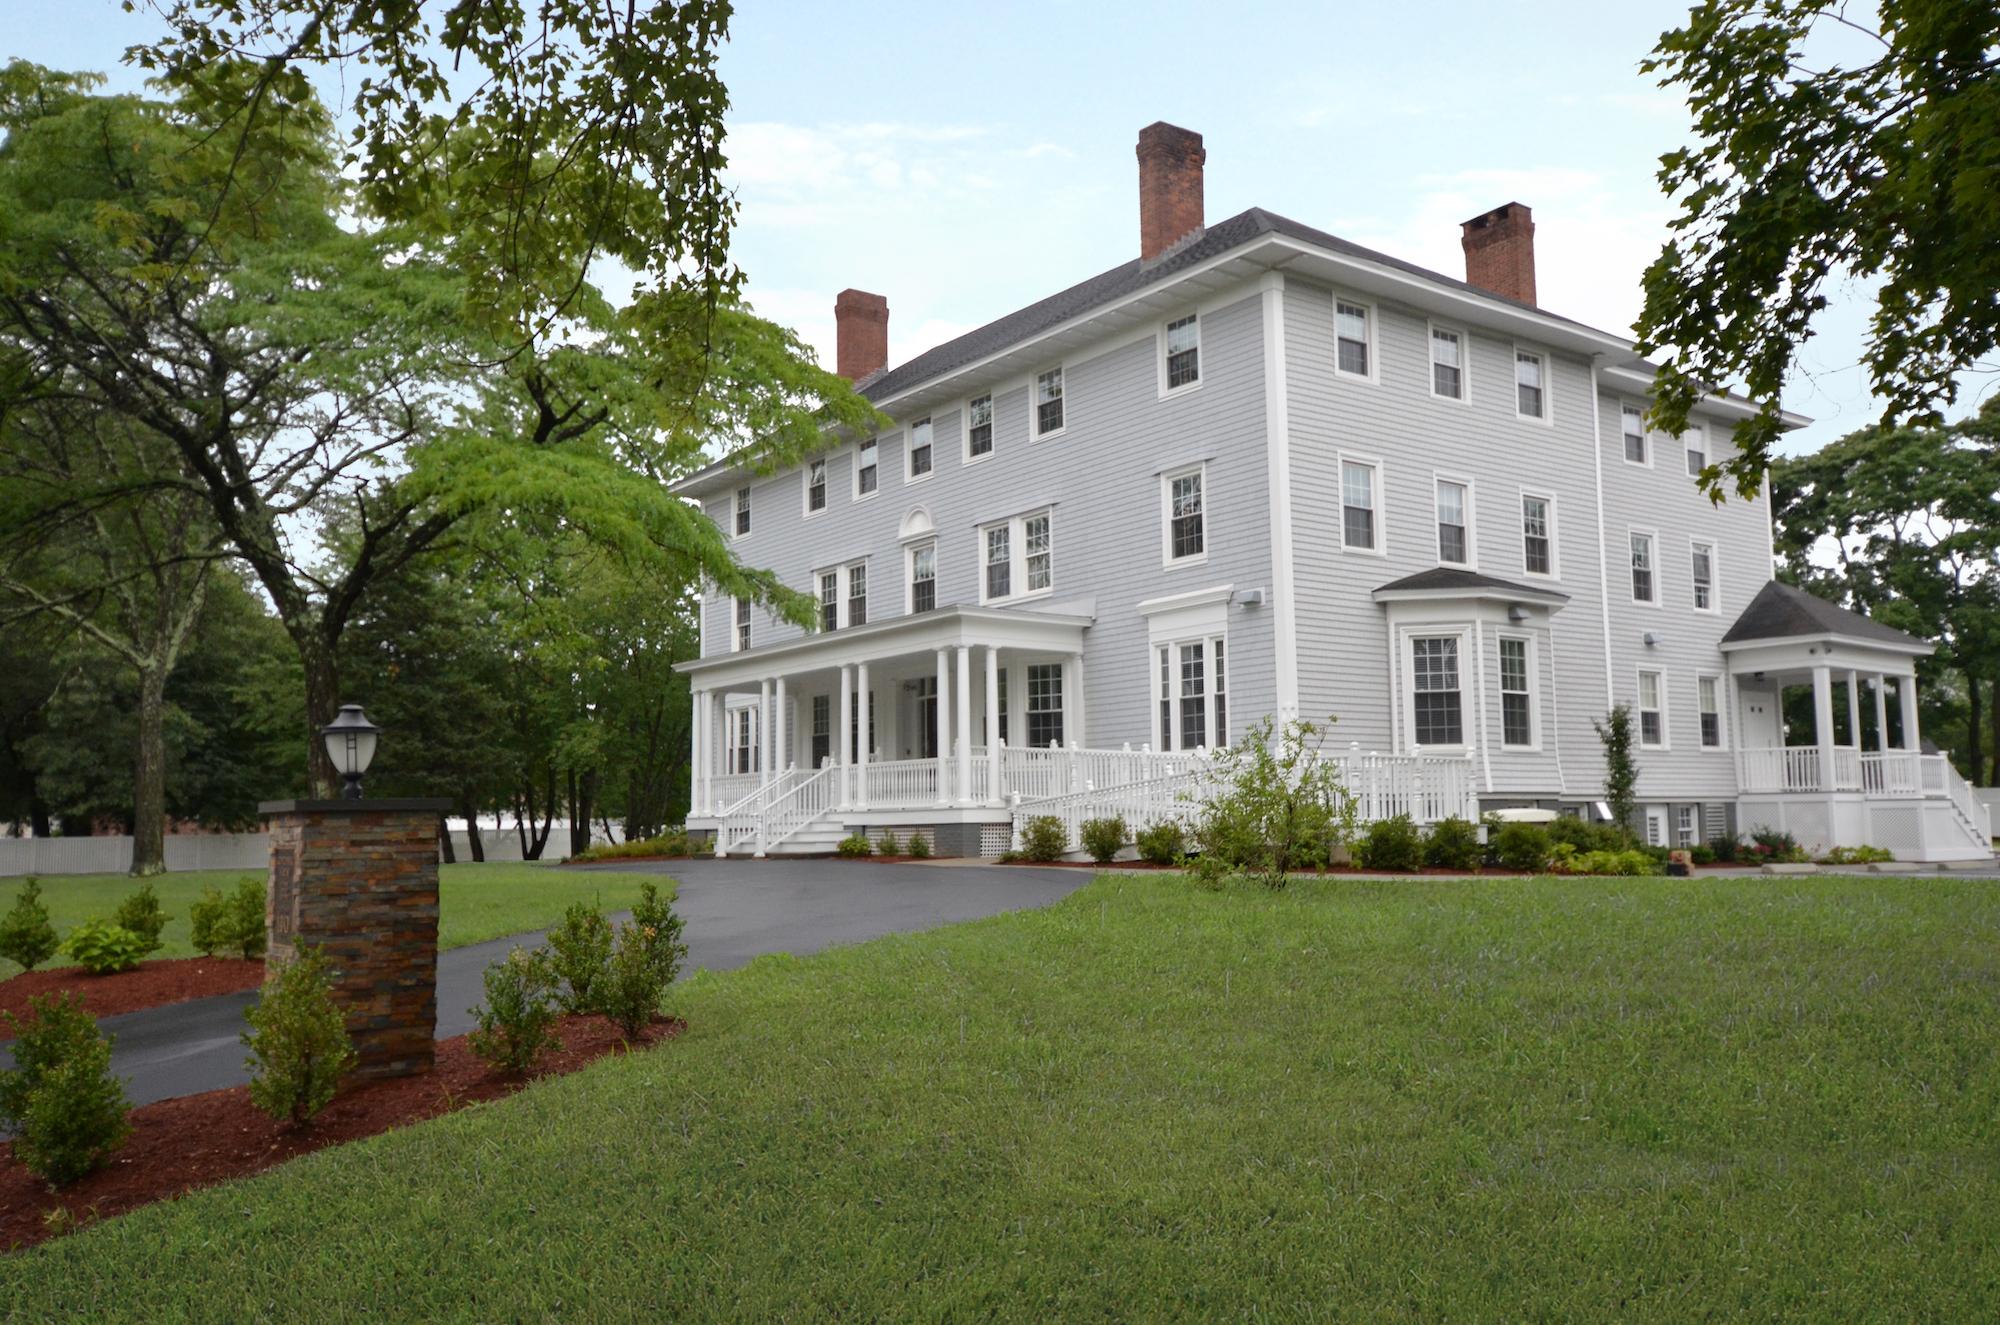 JWU Centennial House - 1 Exterior.JPG